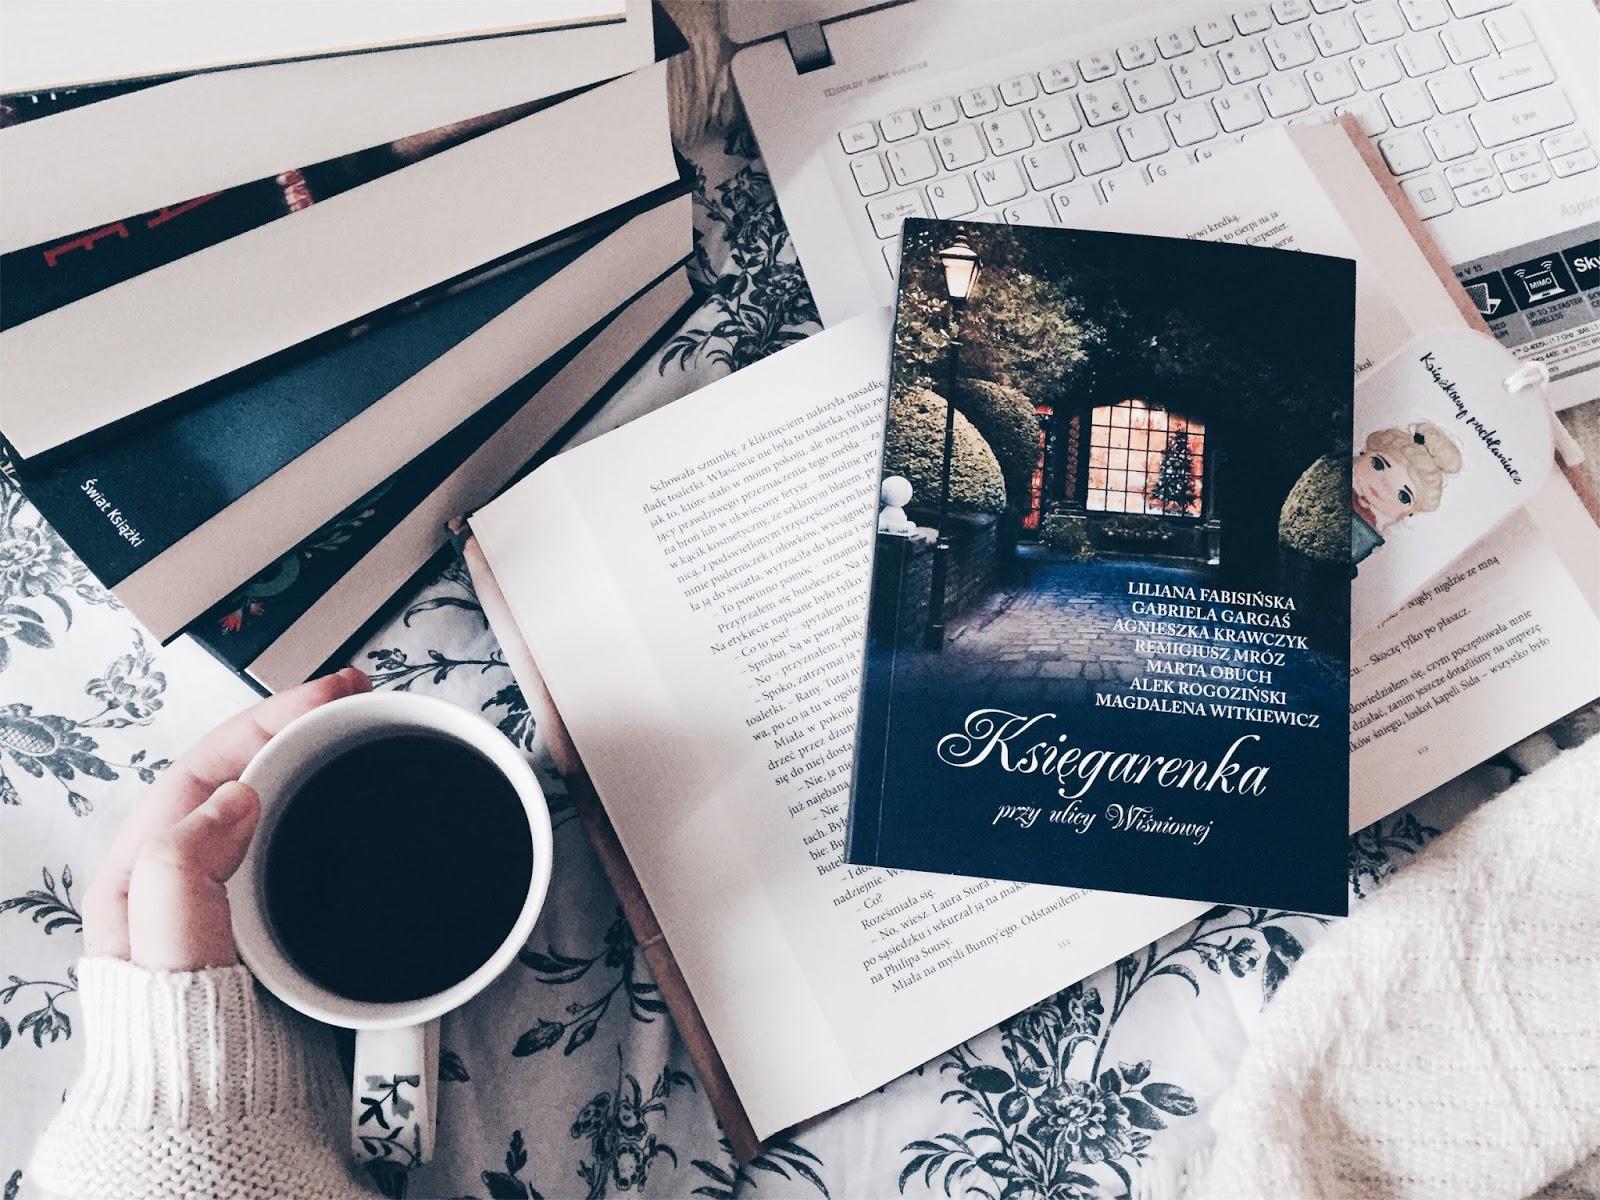 Księgarenka przy ulicy Wiśniowej, zbiór opowiadań